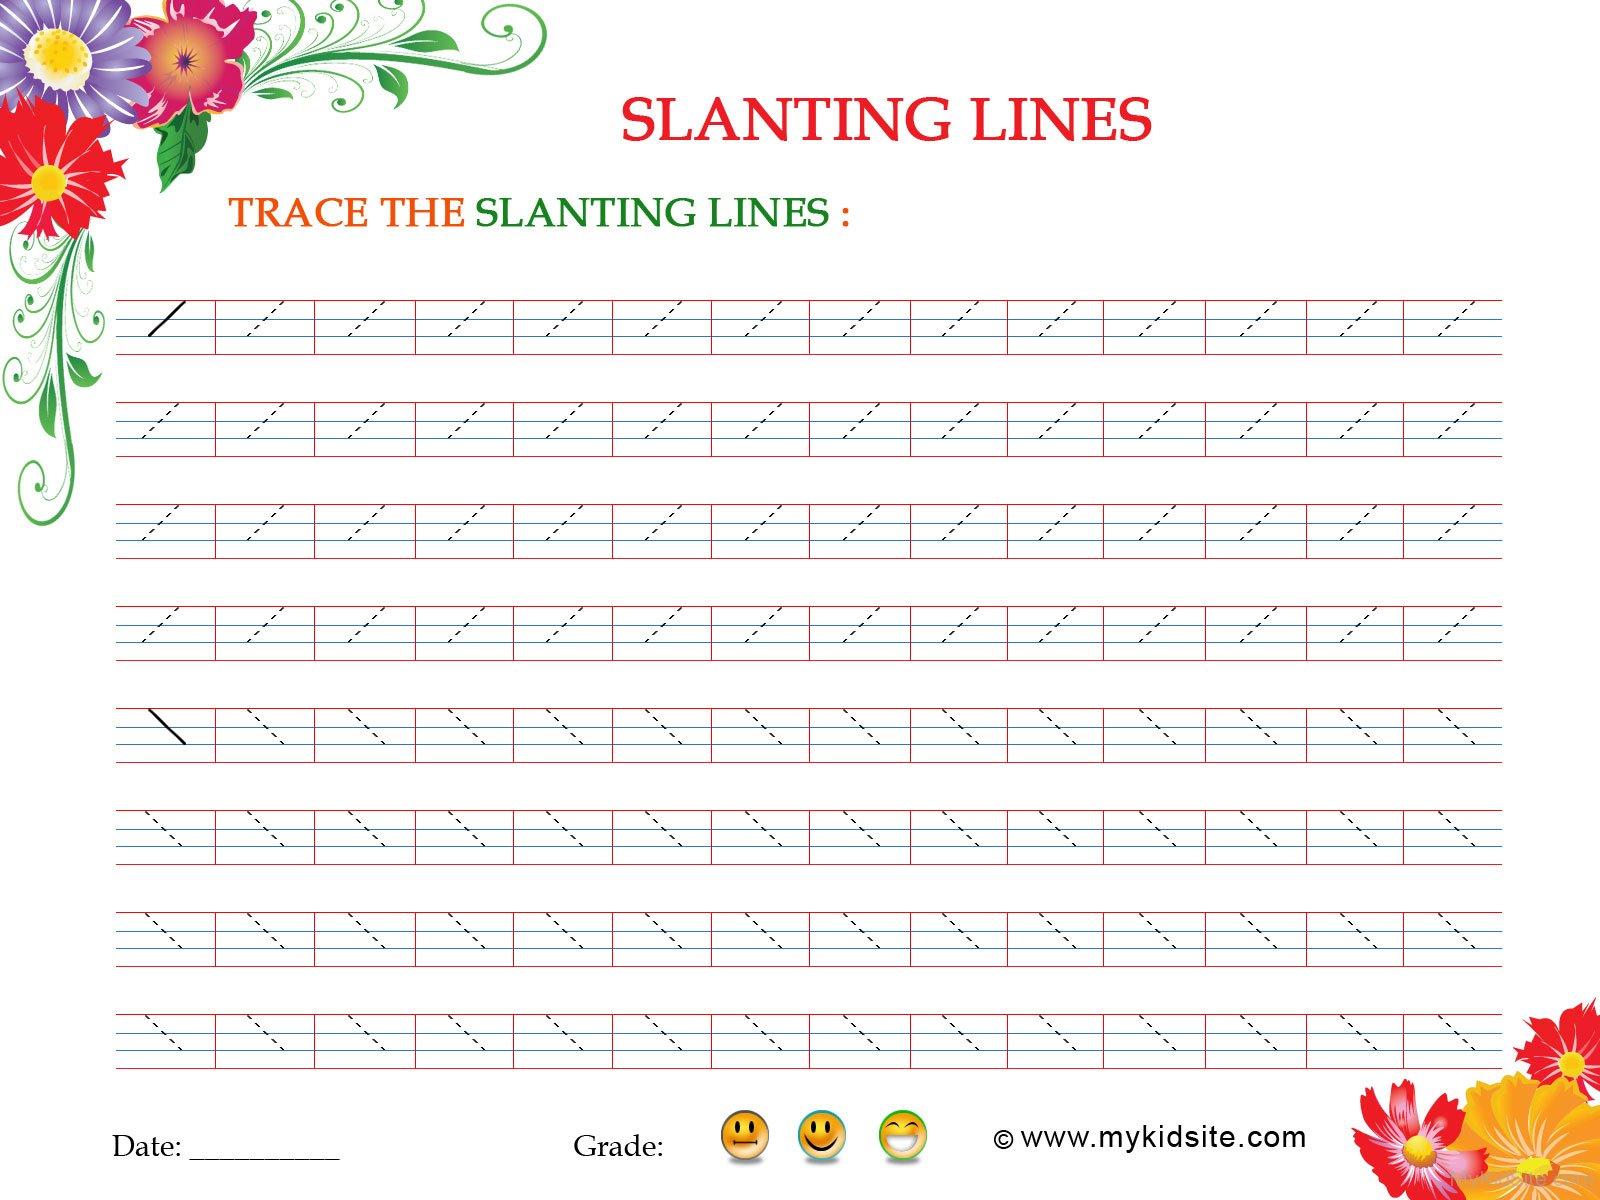 Slanting Lines Worksheet